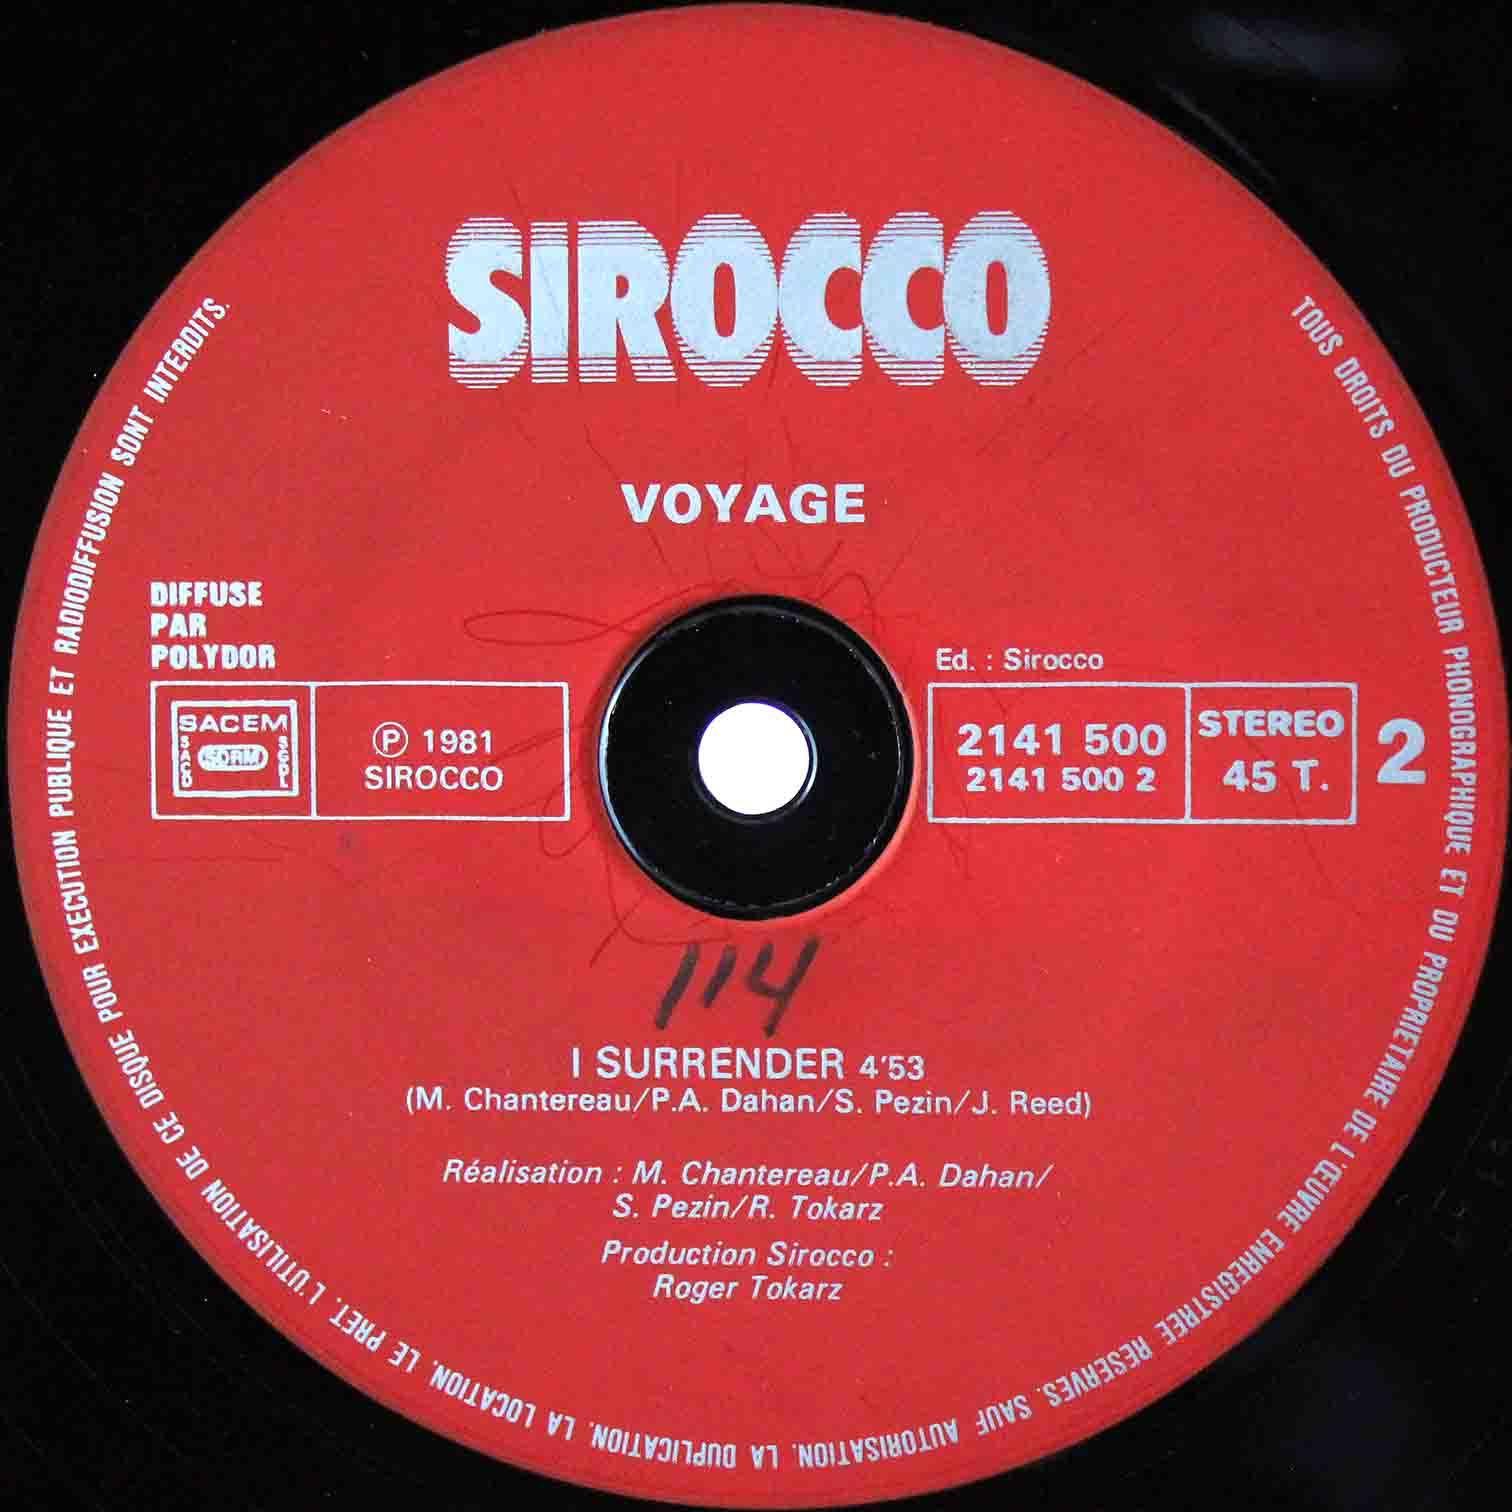 Voyage – Lets Get Started 04